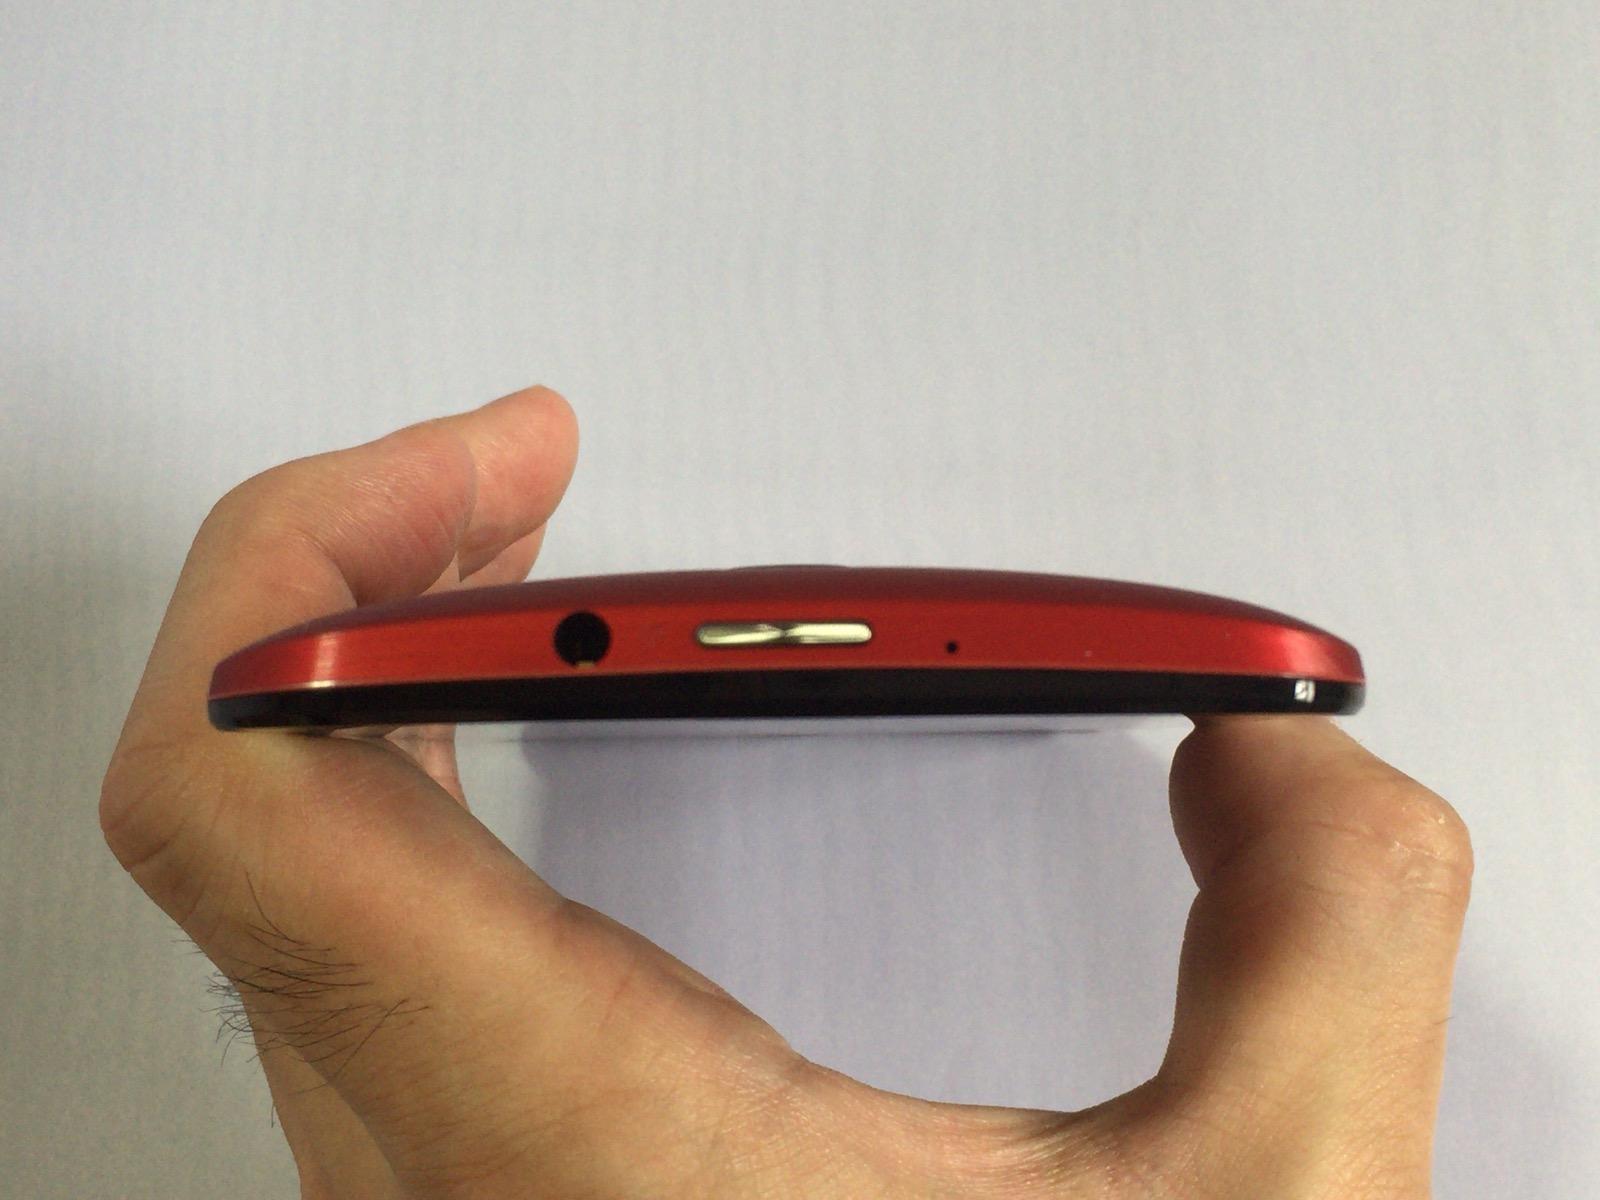 Zenfone 2の本体上部の様子